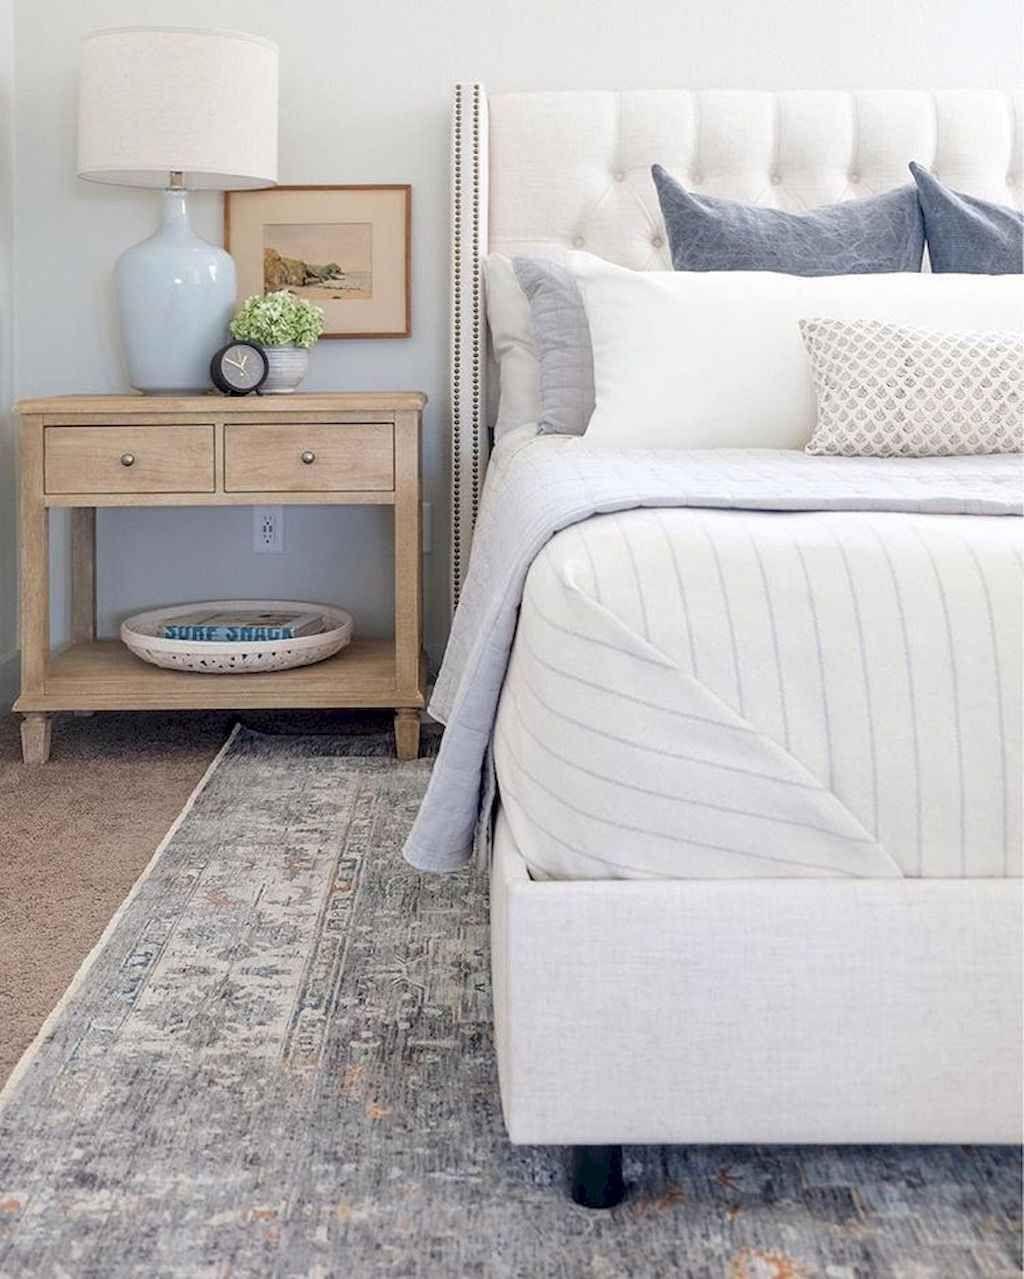 60 Rustic Coastal Master Bedroom Ideas #coastalbedrooms